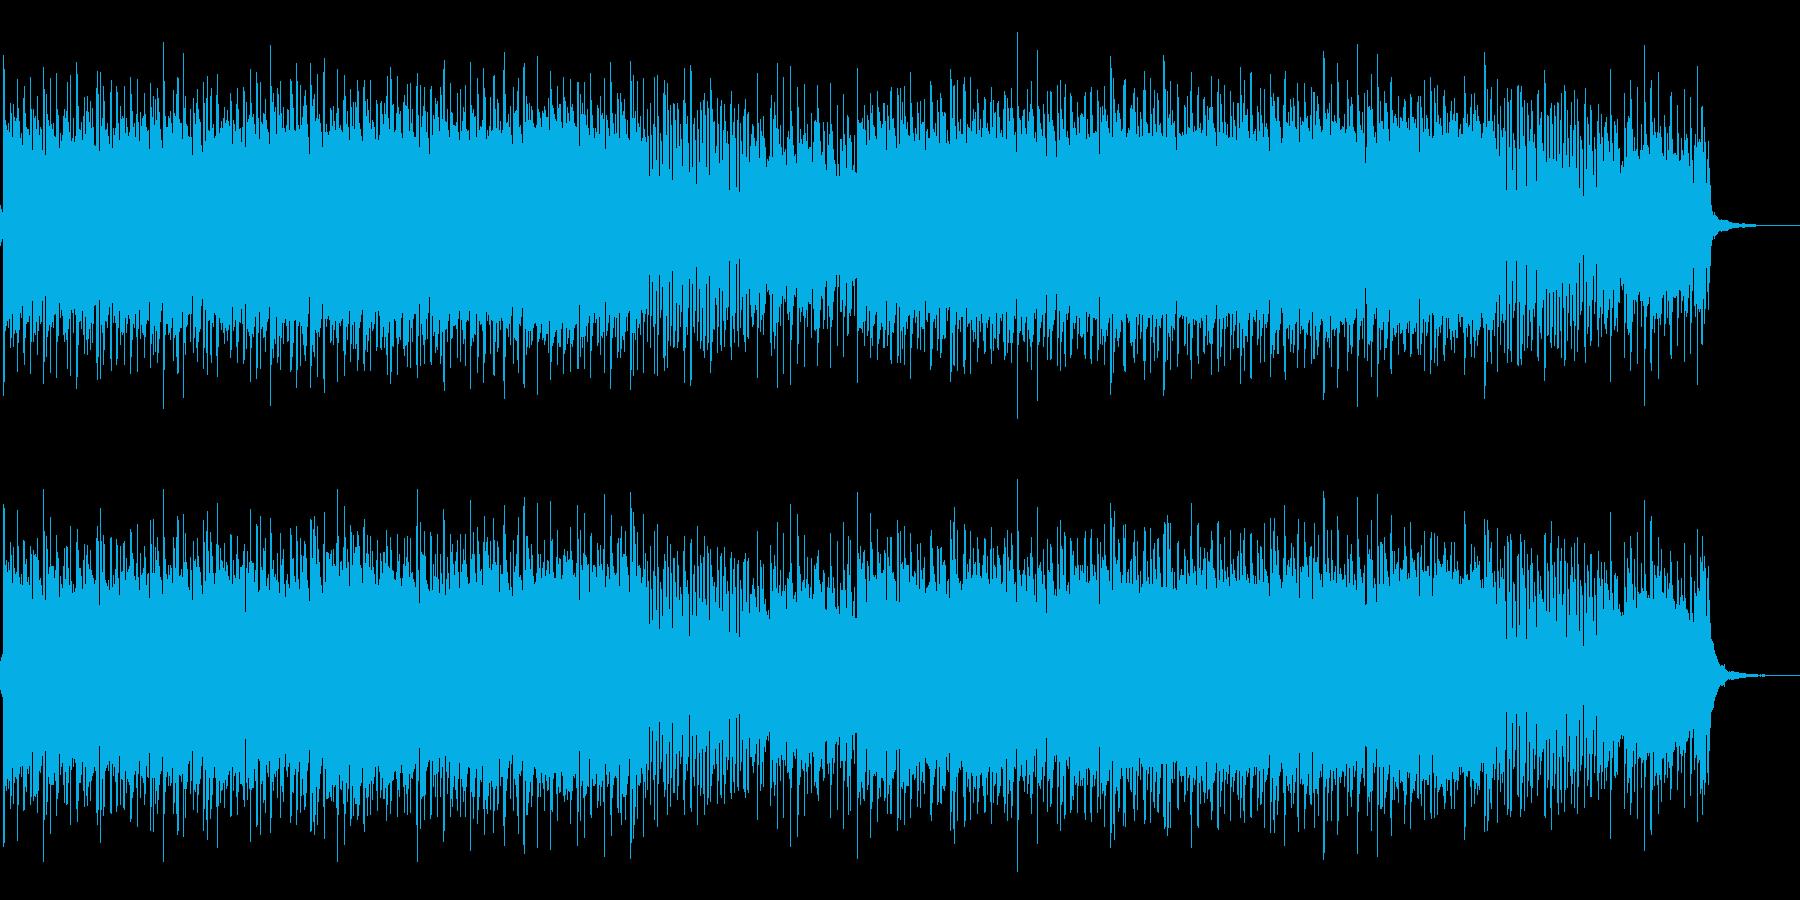 ニュースに使えるハウスミュージックの再生済みの波形